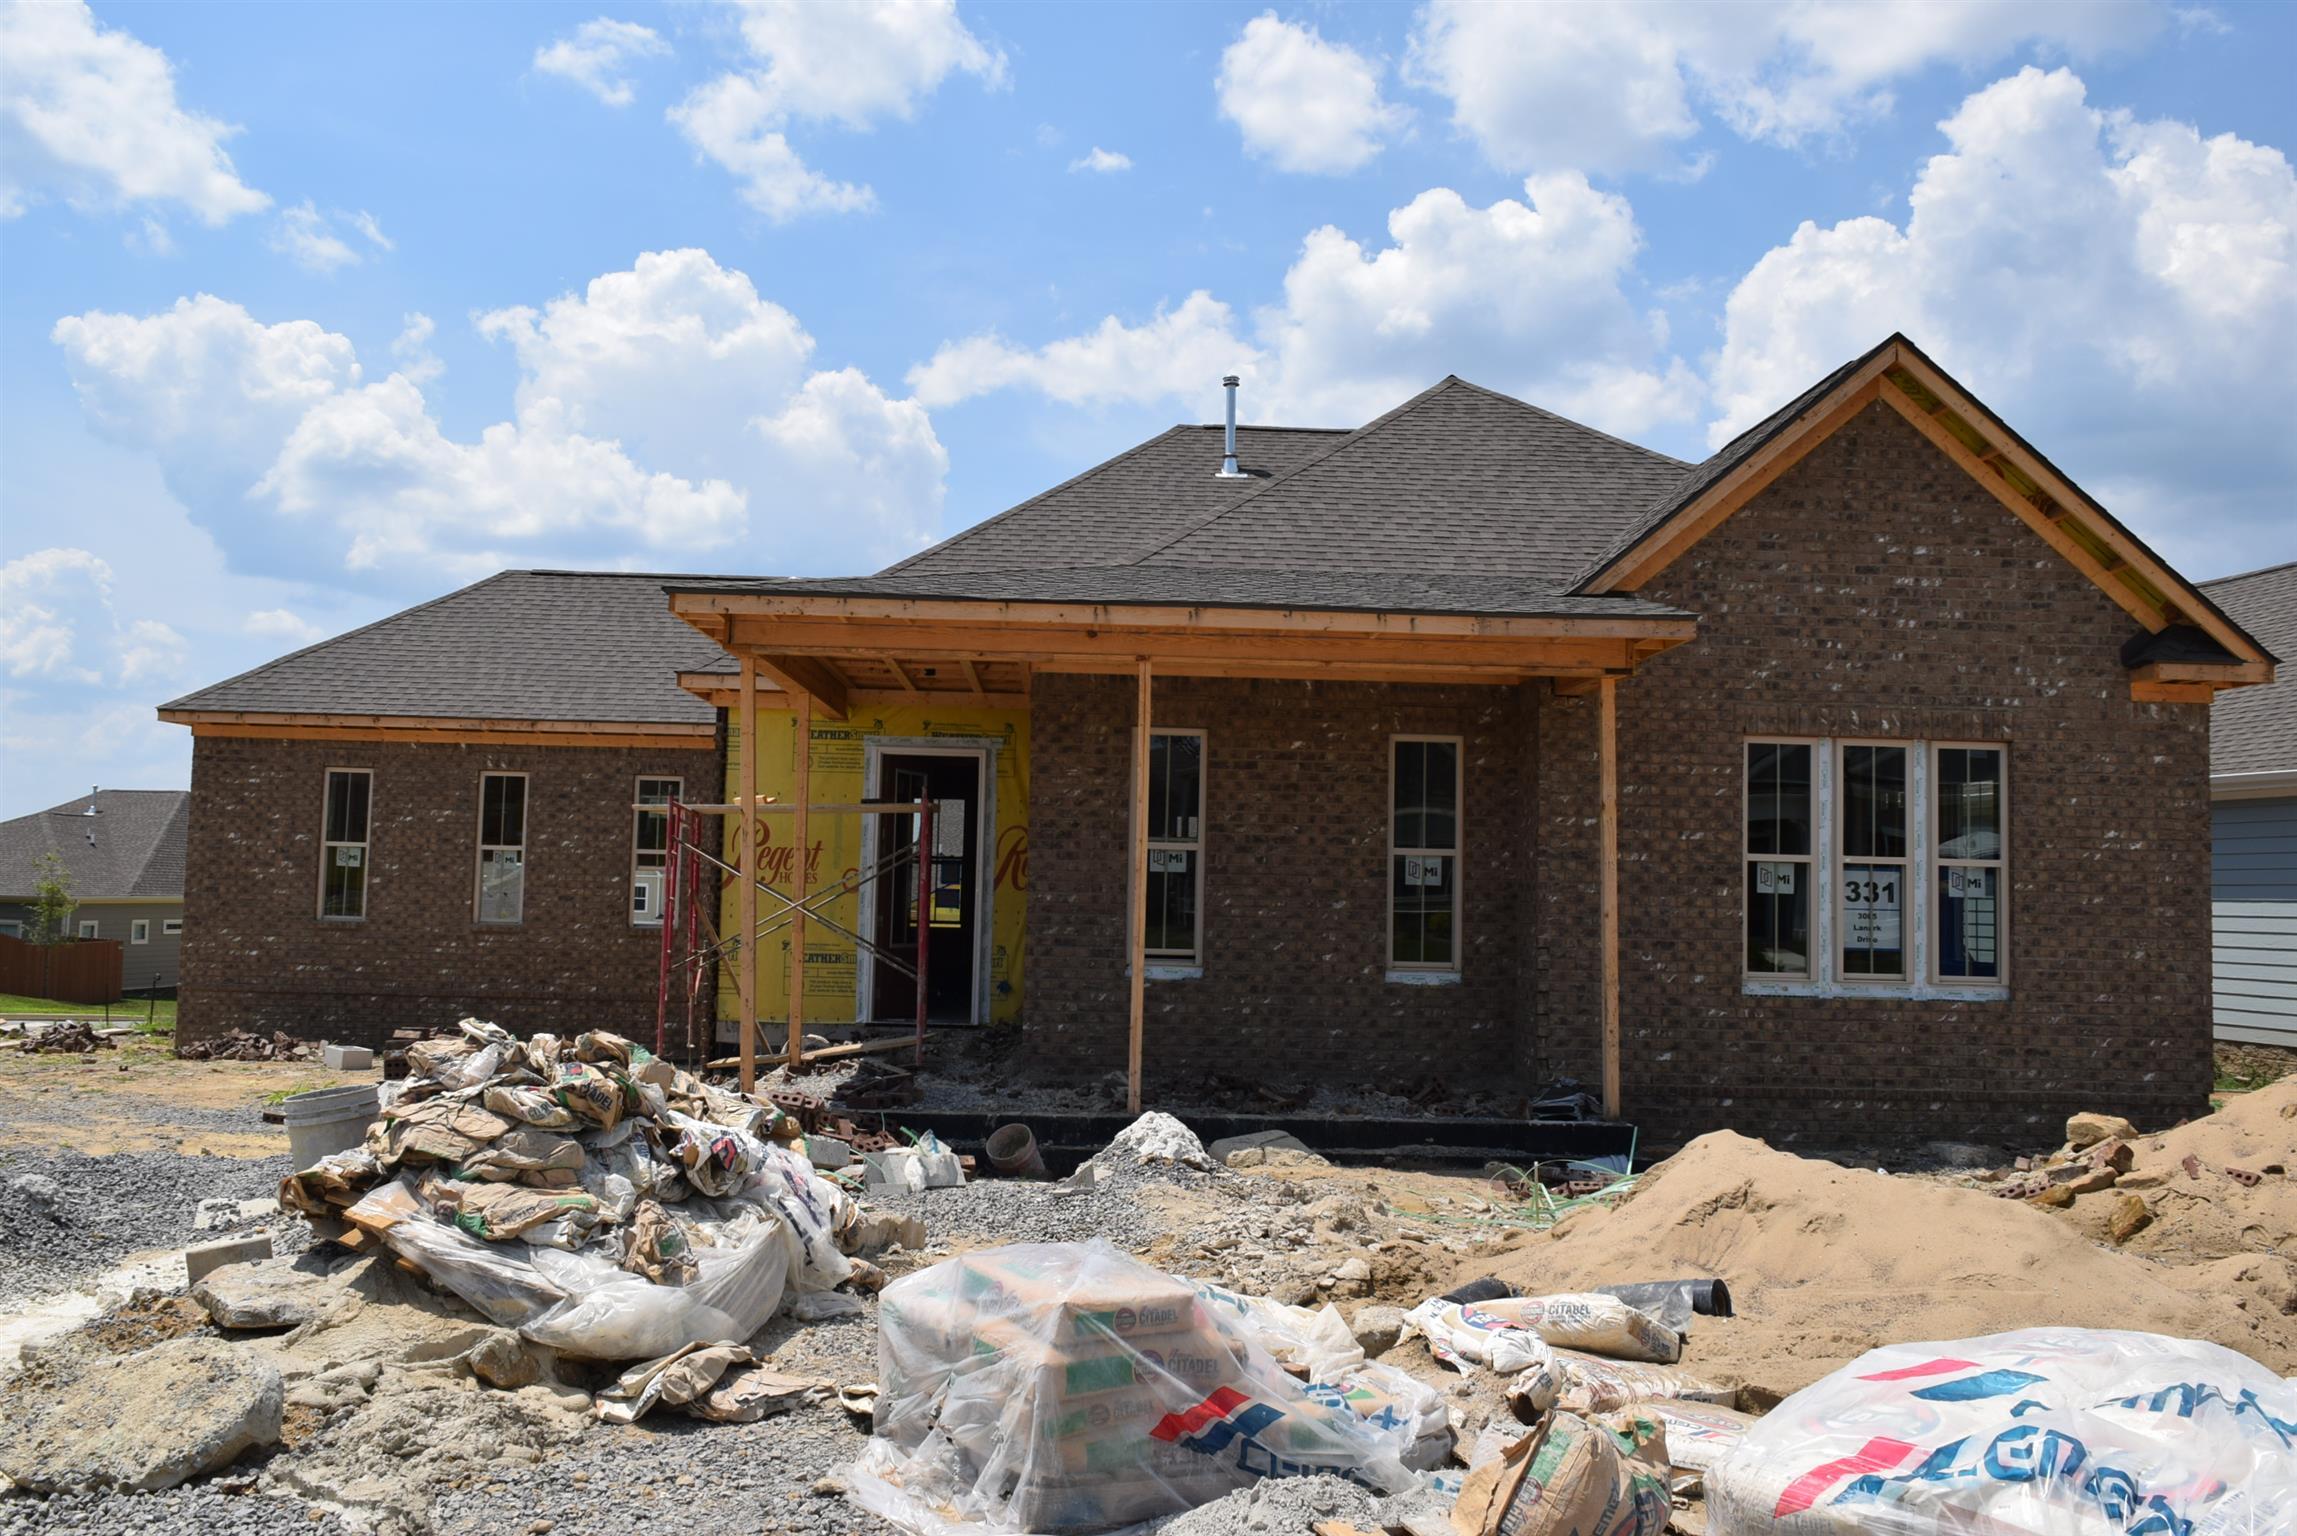 3005 Lanark Drive #331, Nolensville, TN 37135 - Nolensville, TN real estate listing